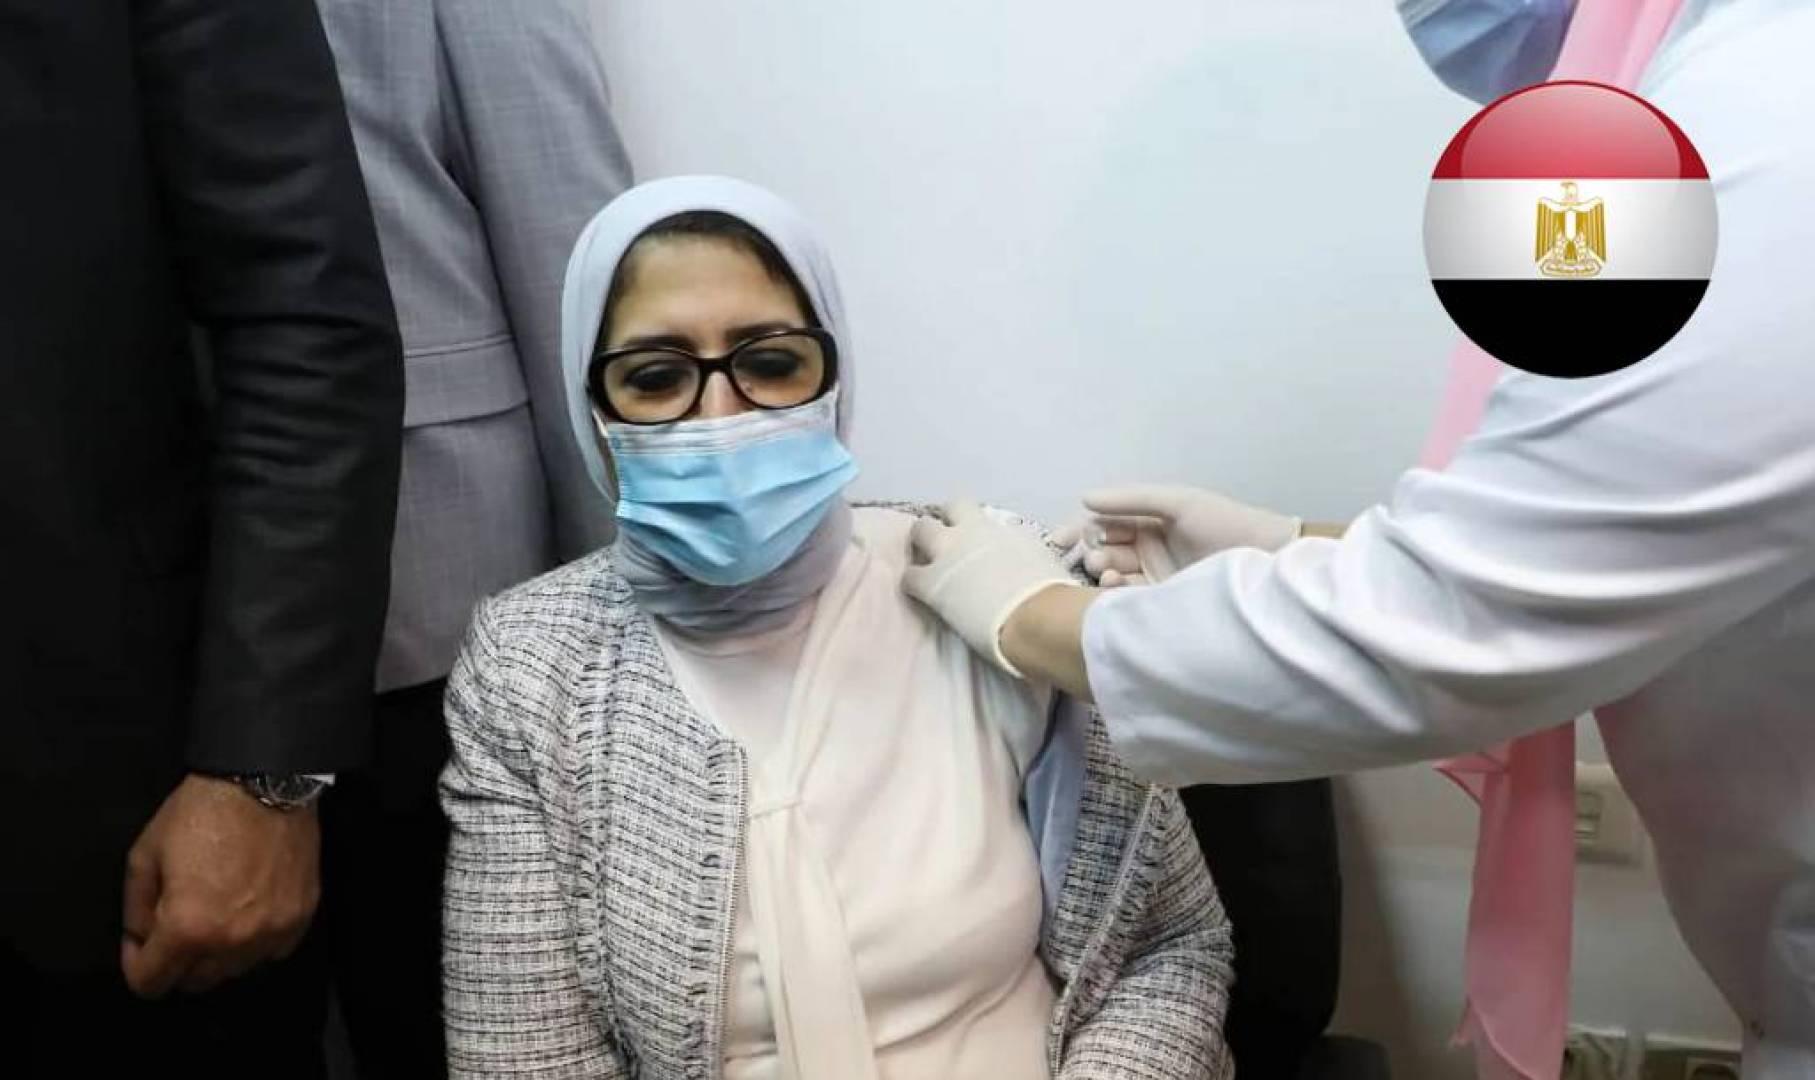 وزيرة الصحة المصرية تتلقى لقاح فيروس كورونا